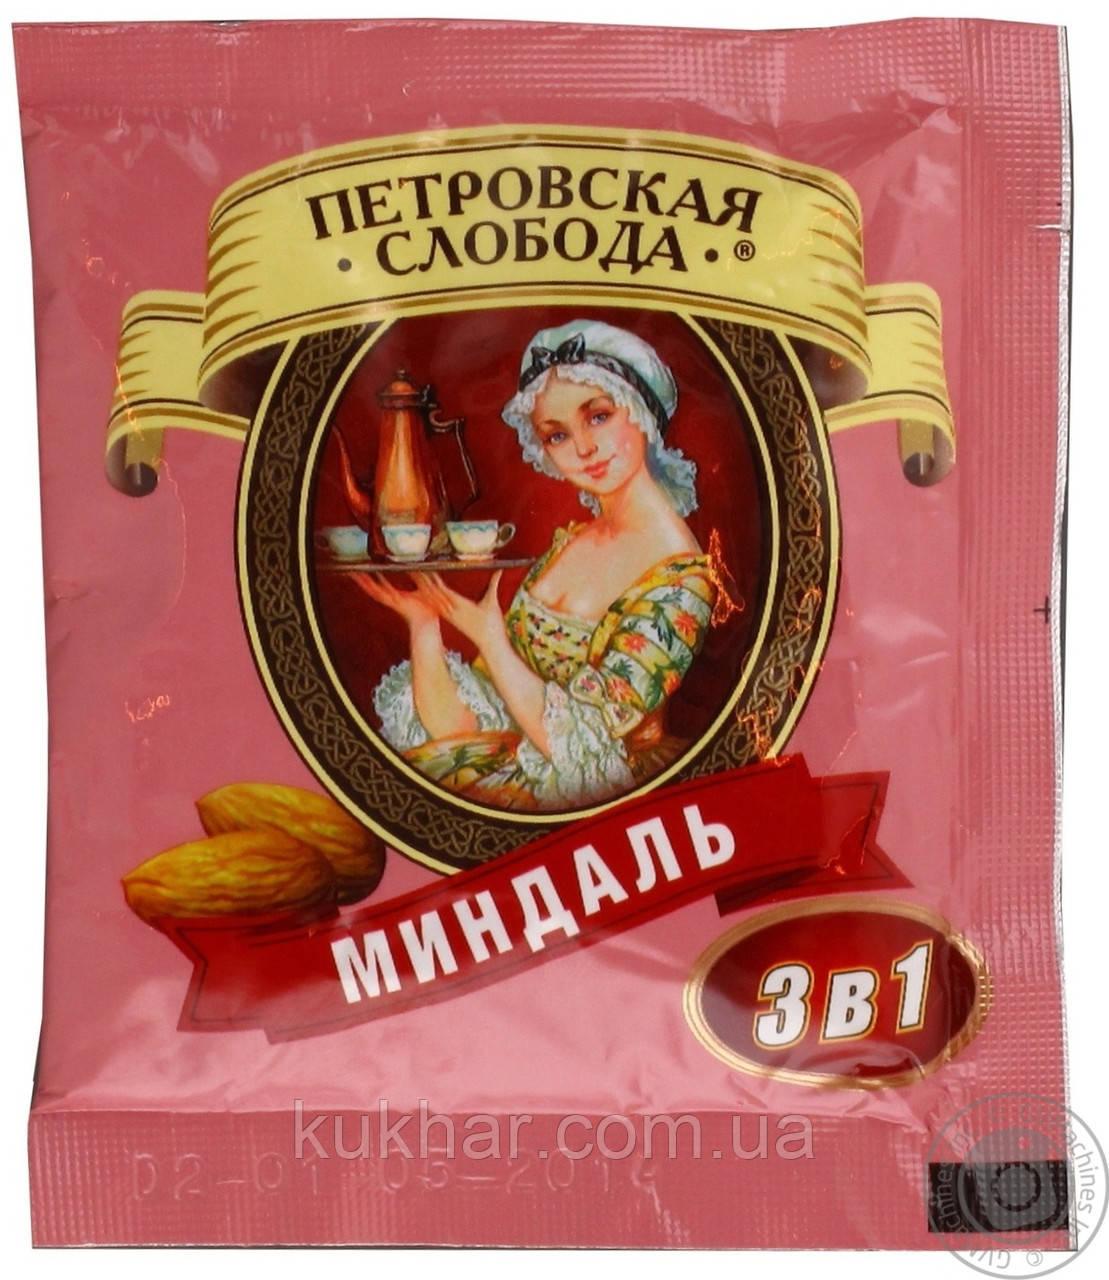 """Кава """"Петровська слобода"""" 3в1 Мигдаль 20г"""